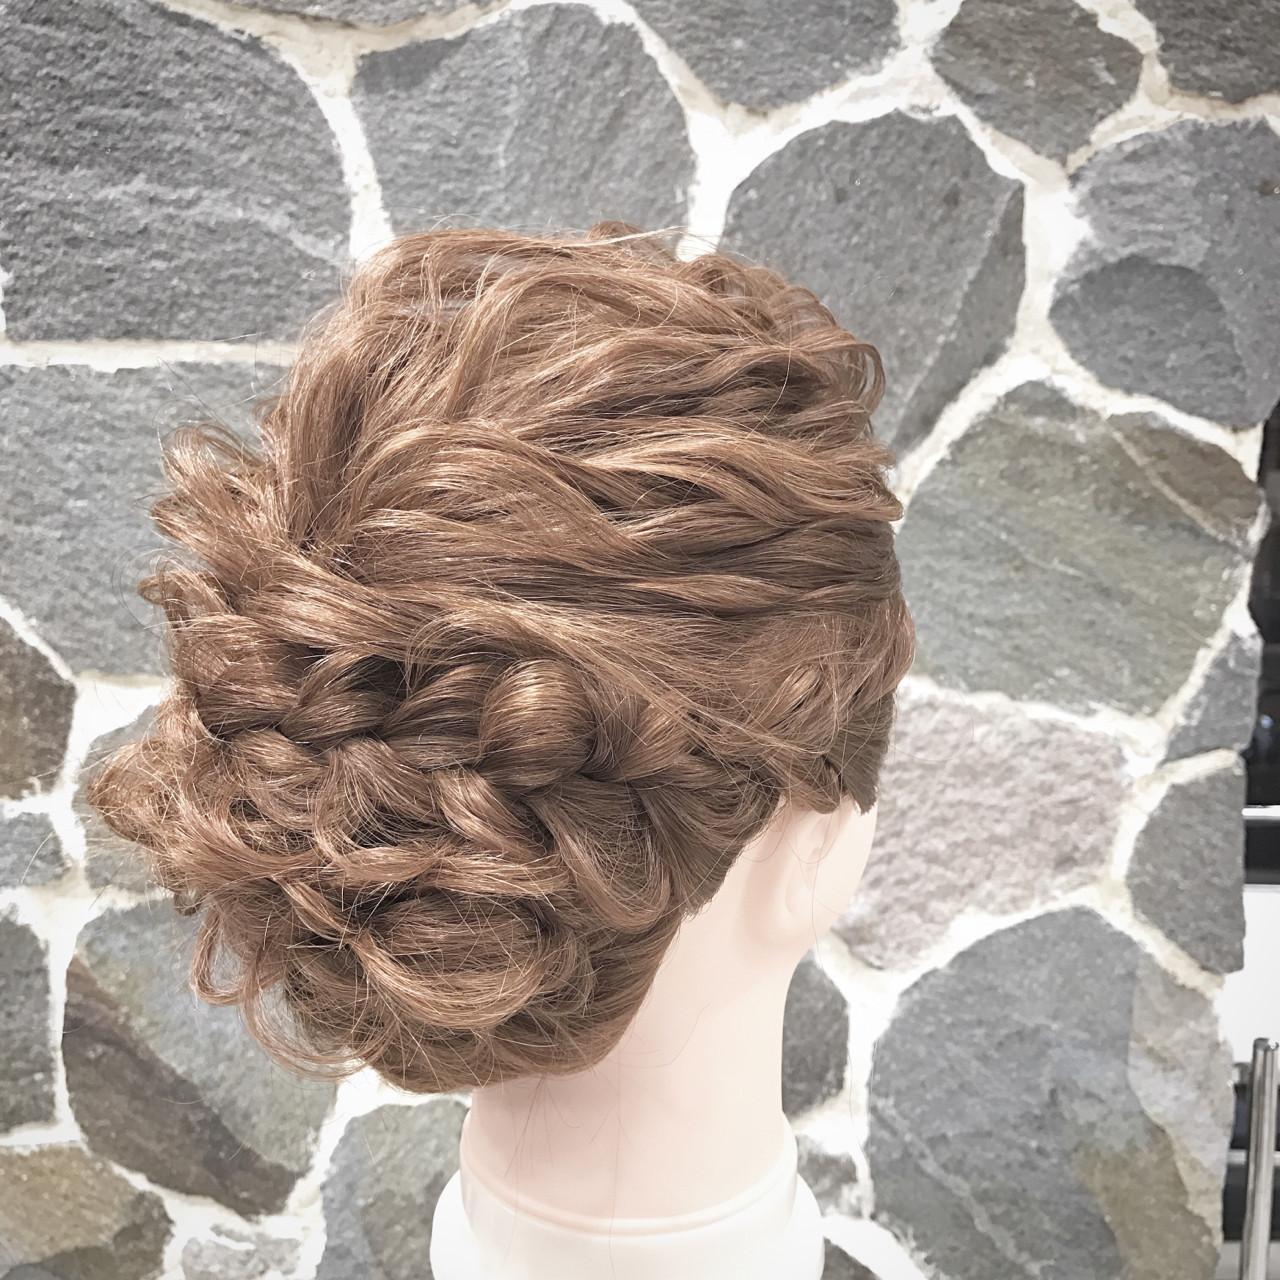 波ウェーブ 大人女子 セミロング 編み込み ヘアスタイルや髪型の写真・画像